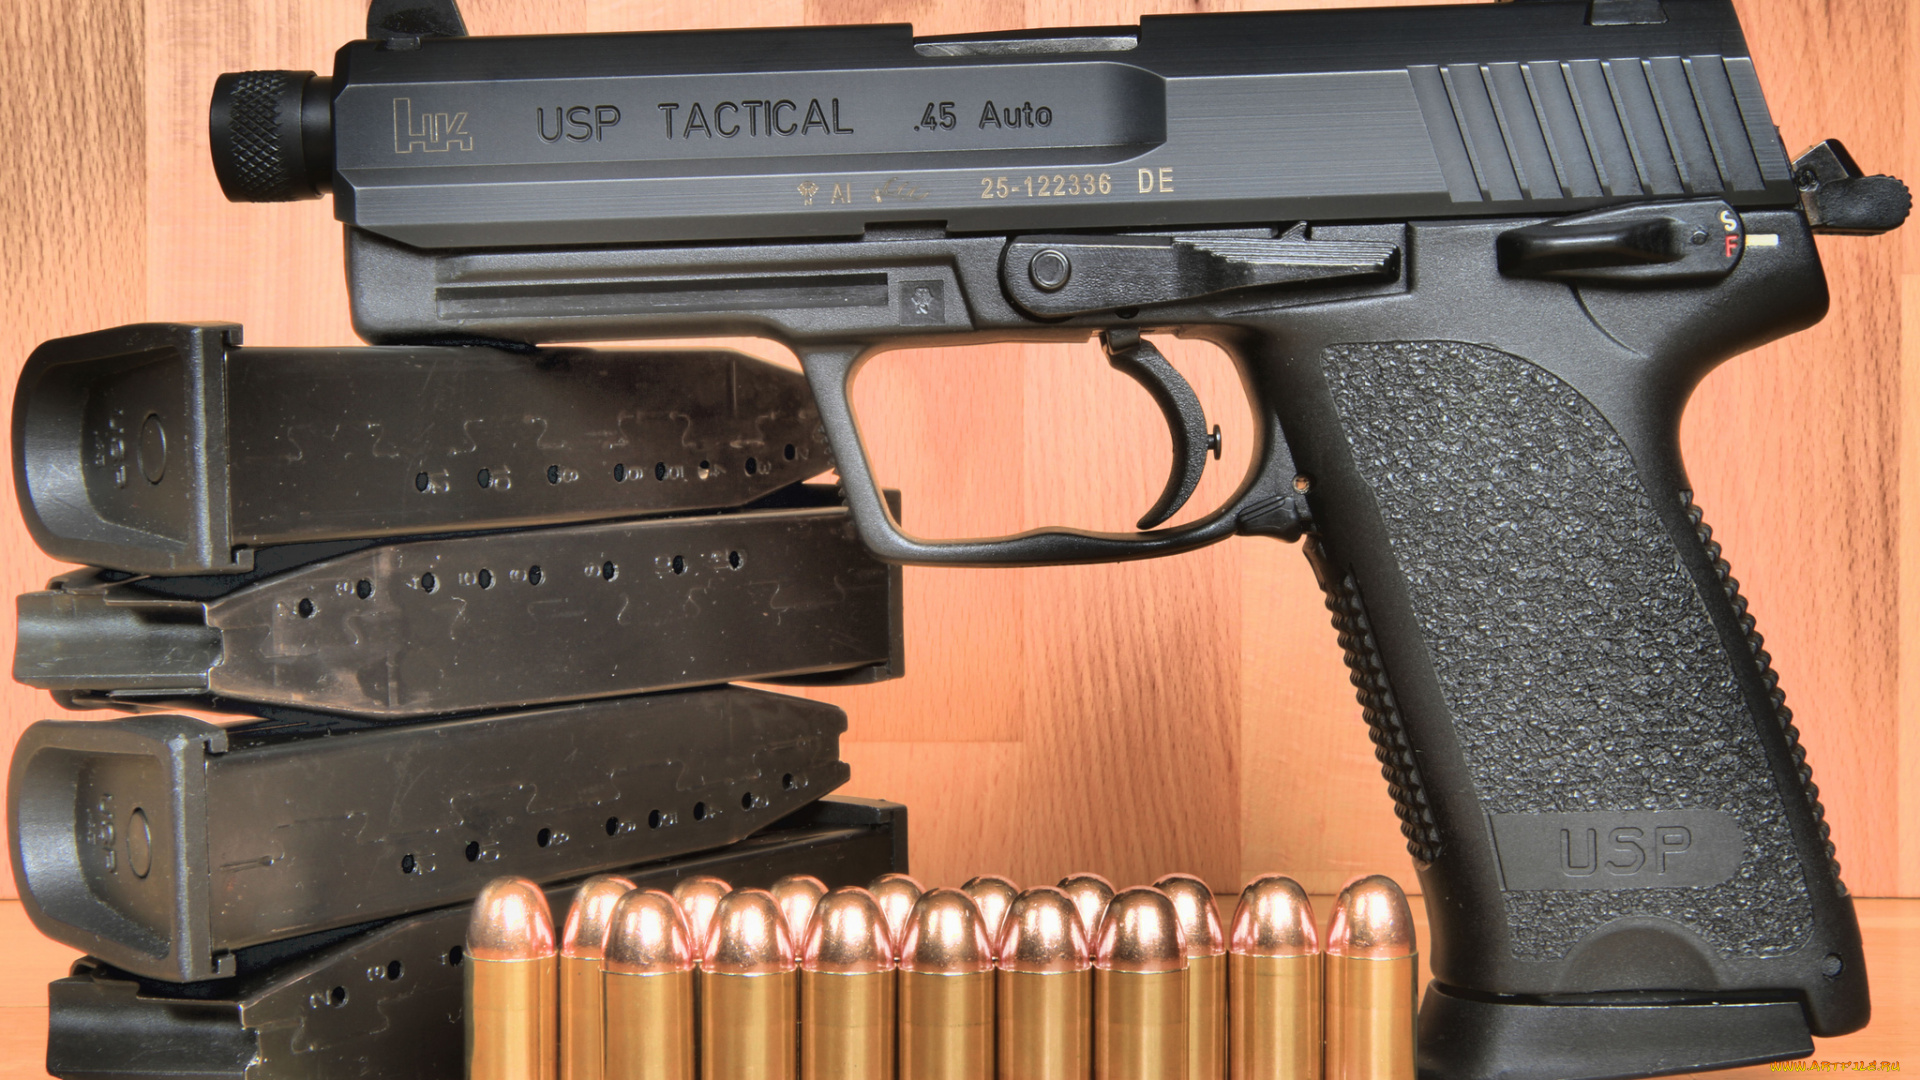 пистолет usp 45 auto в хорошем качестве